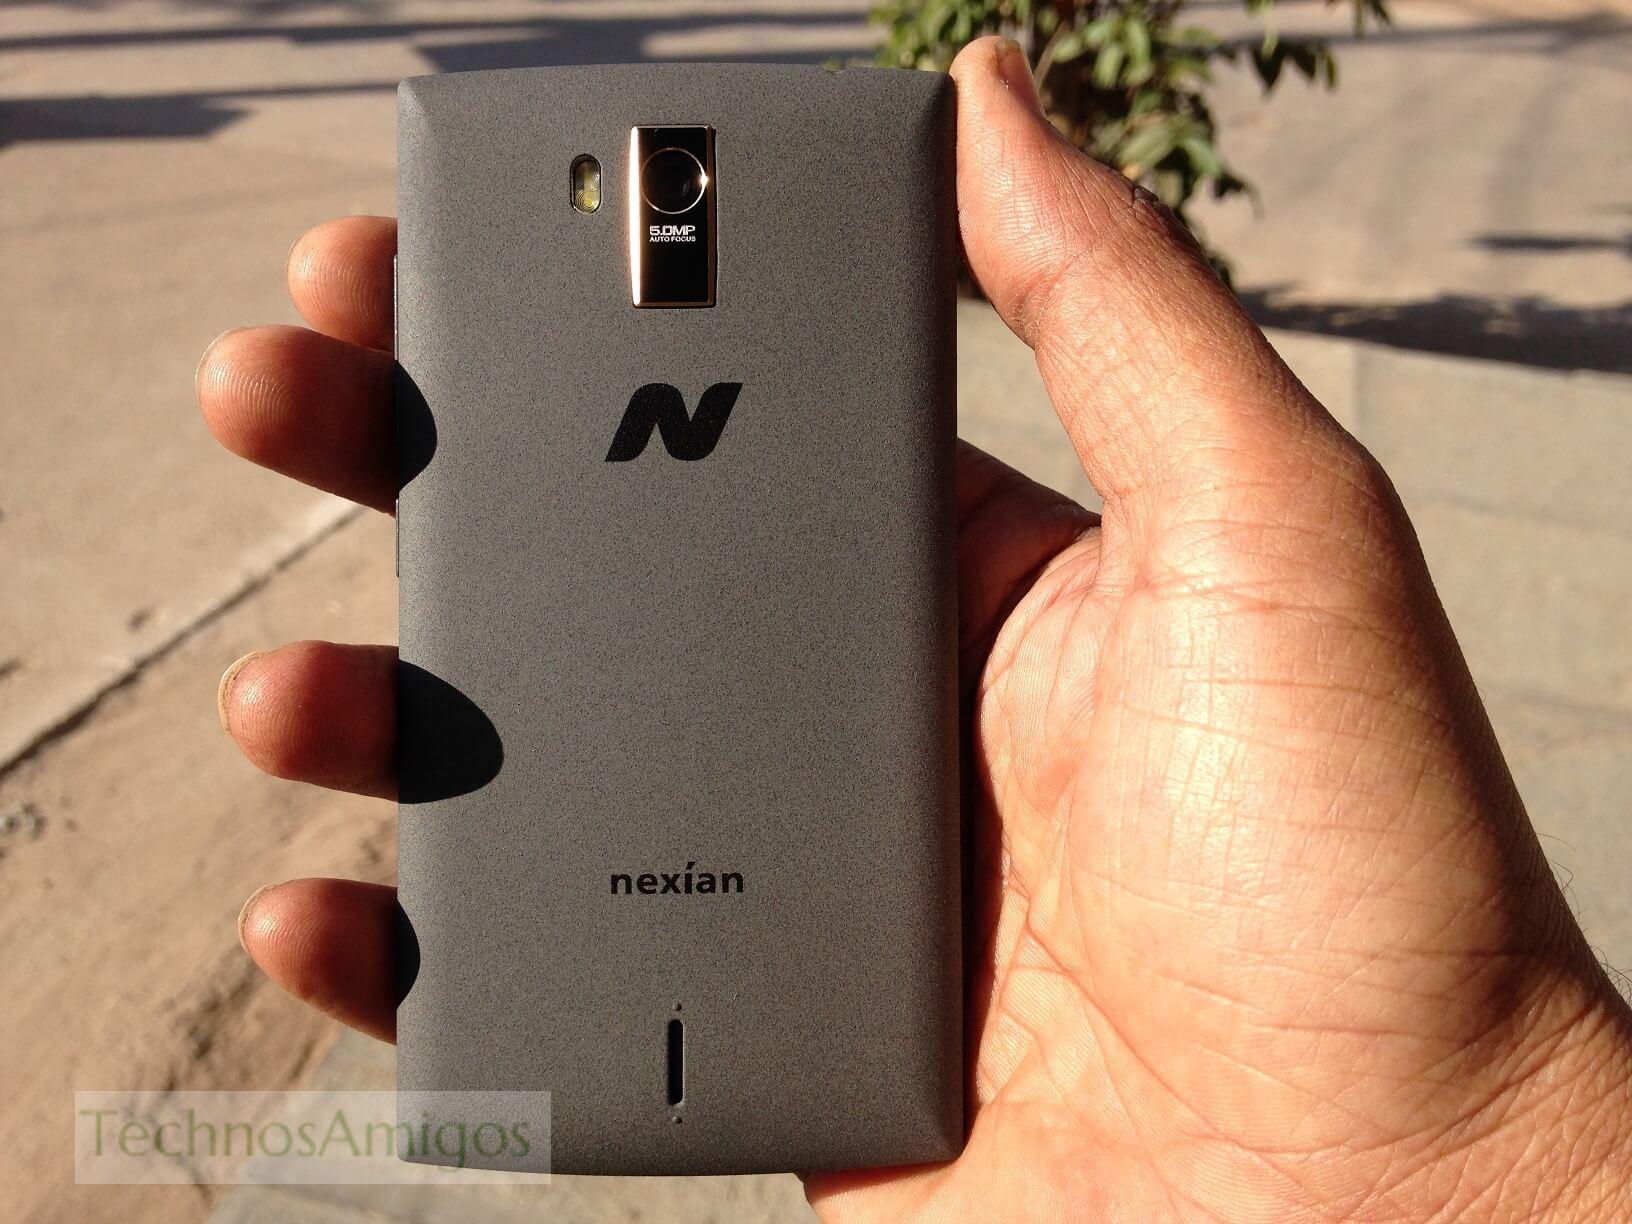 Nexian NV45 unboxing